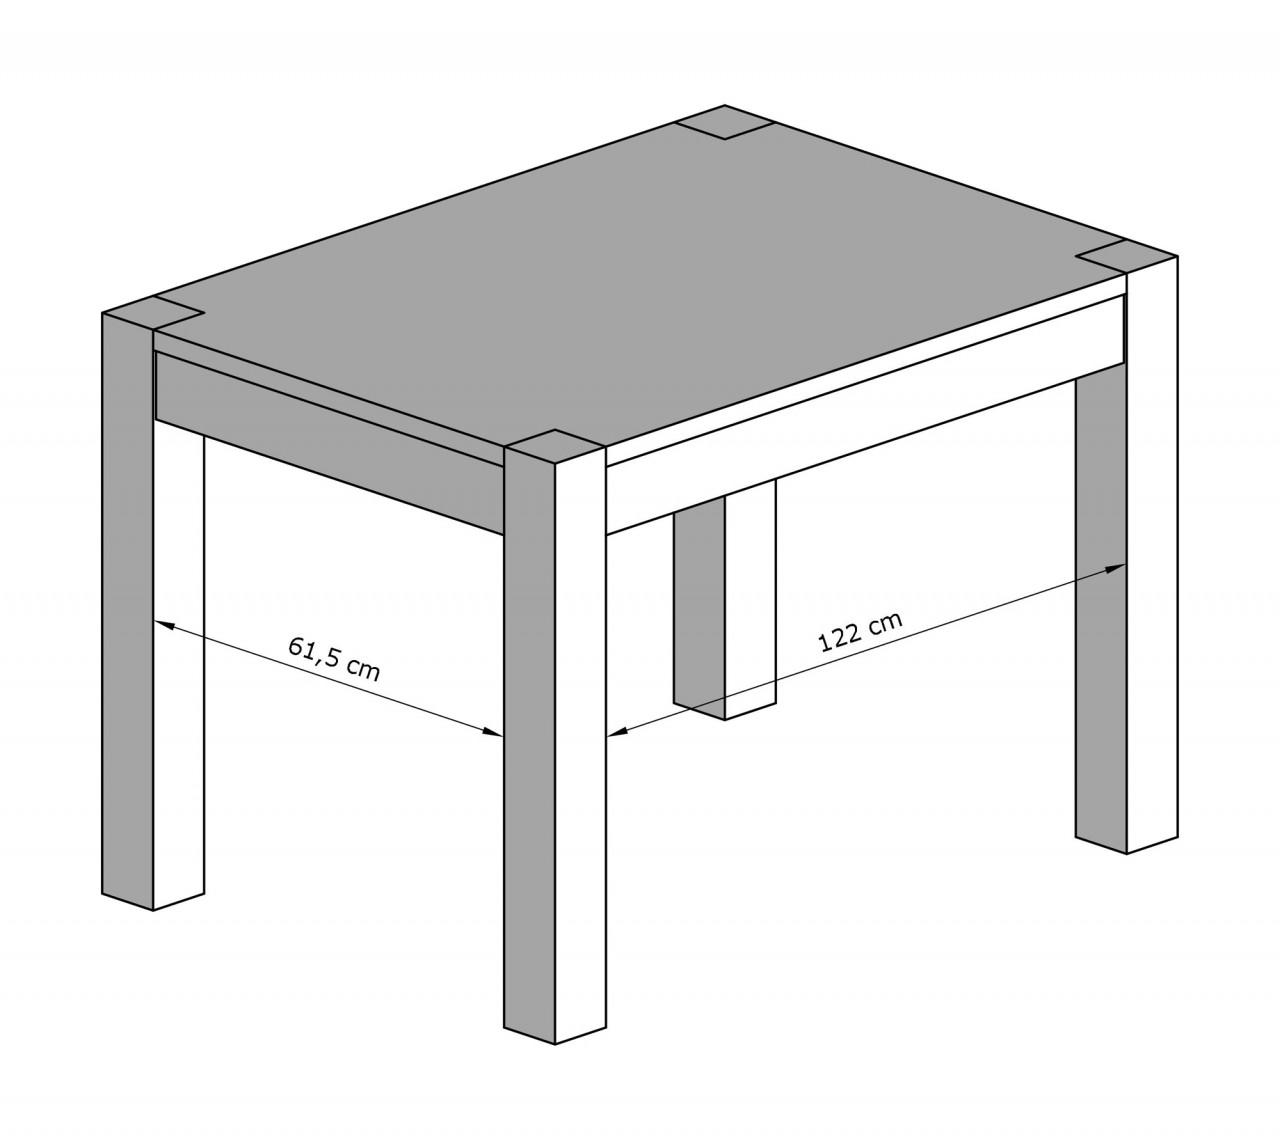 Tavolo 6 persone awesome vogue tavolo da pranzo imposta - Norden tavolo a ribalta ...